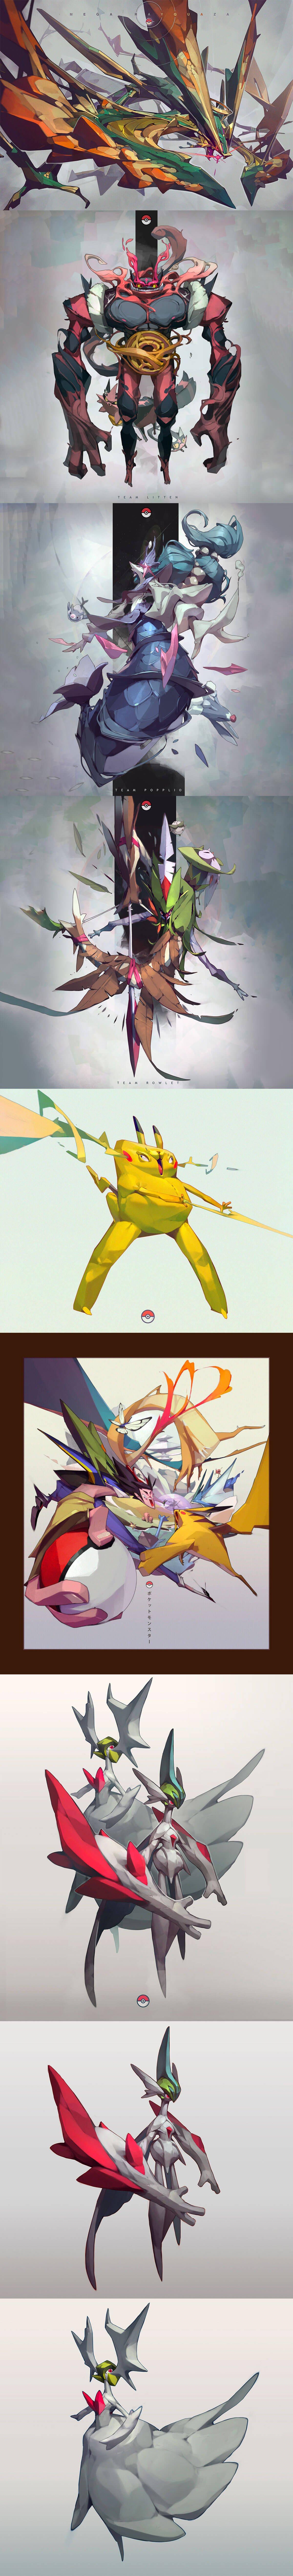 Pokemon Fan Art by Tan Zhi Hui